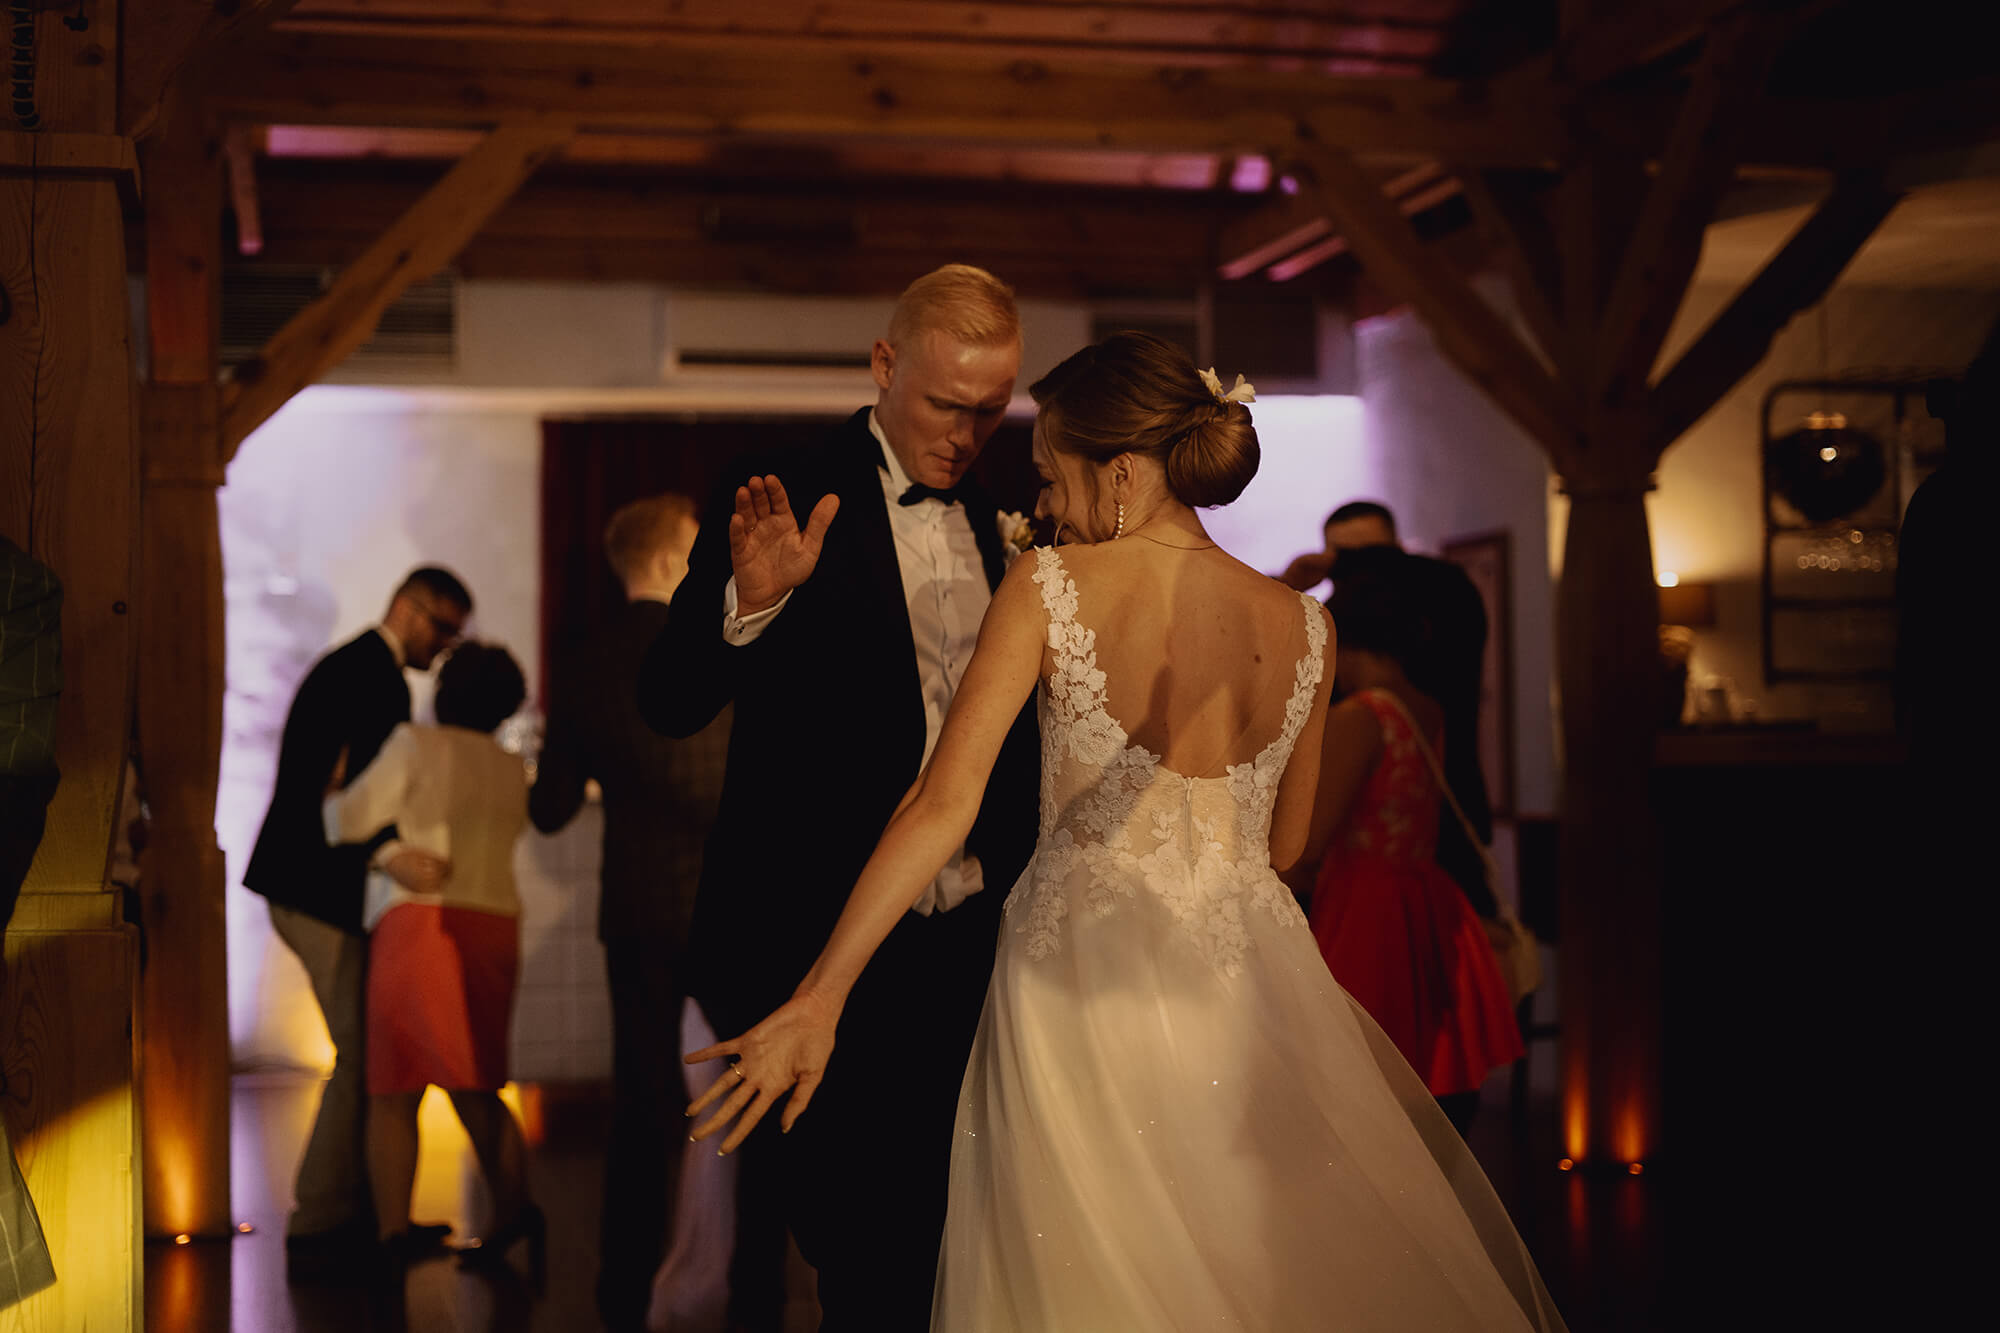 Slub wesele w dworze Hulanka00101 - Ola + Maciej | wesele w Dworze Hulanka